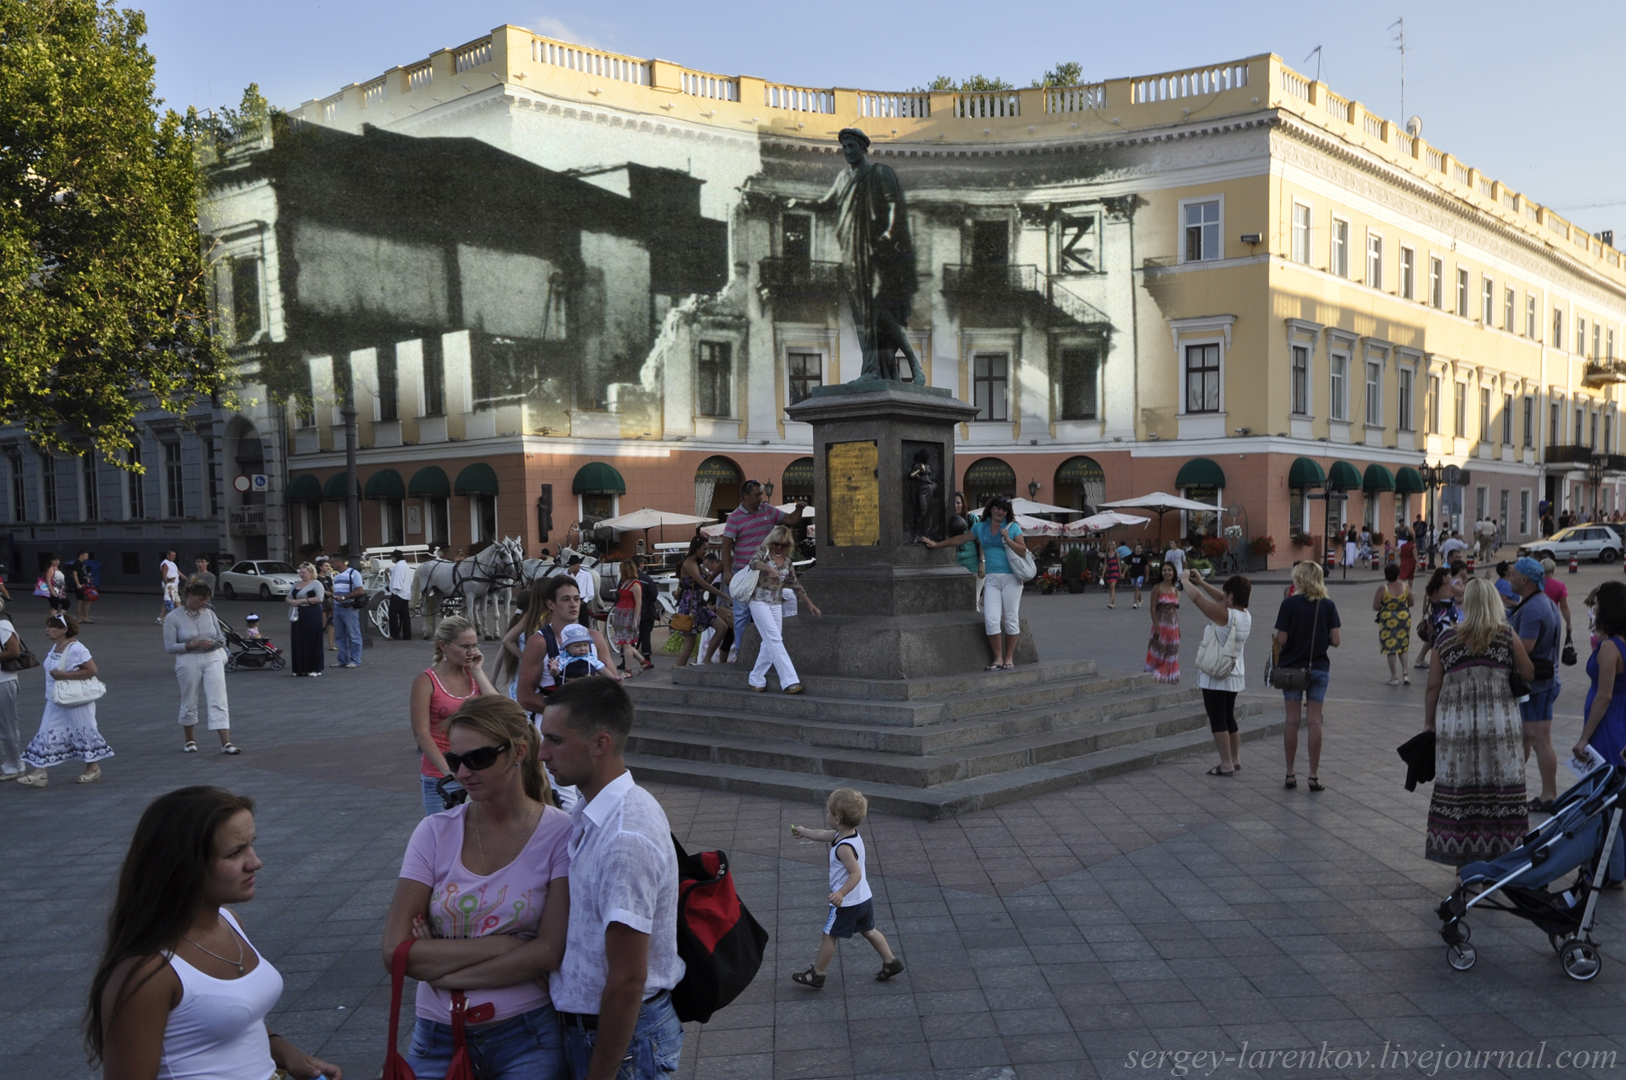 http://ic.pics.livejournal.com/sergey_larenkov/18332440/110349/110349_original.jpg